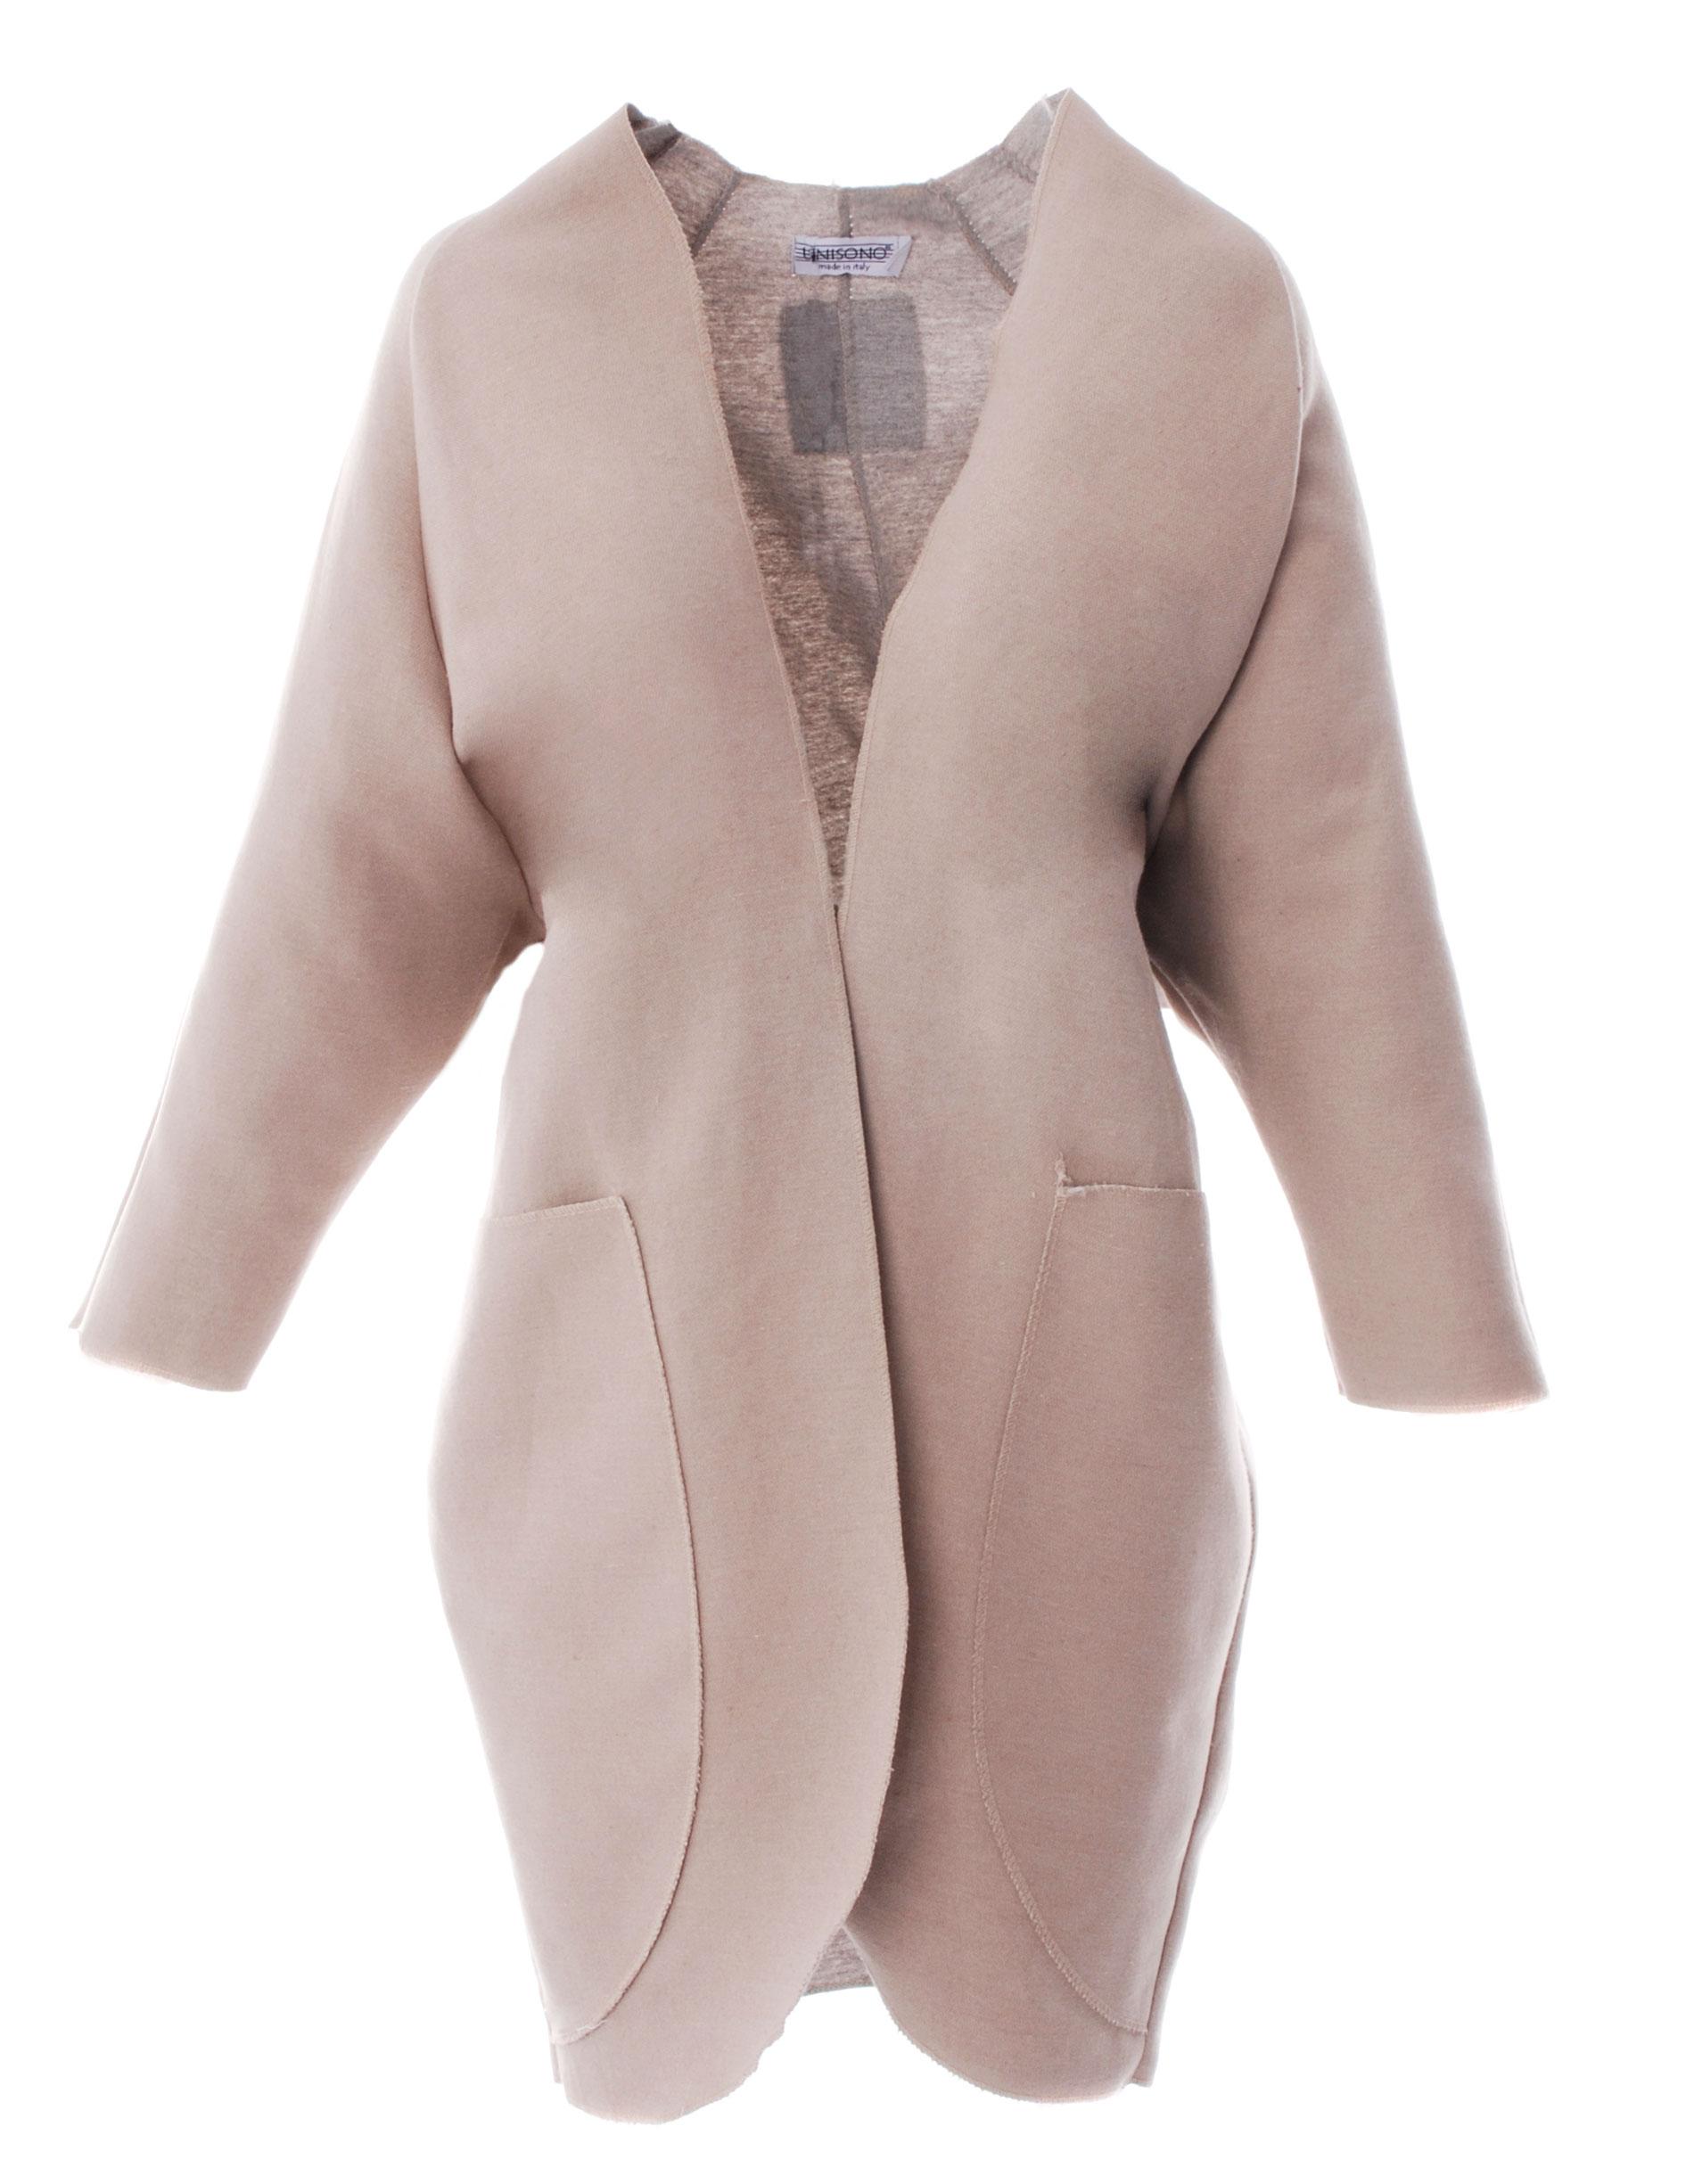 Płaszcz materiałowy - 34-3808 BE-GR - Unisono